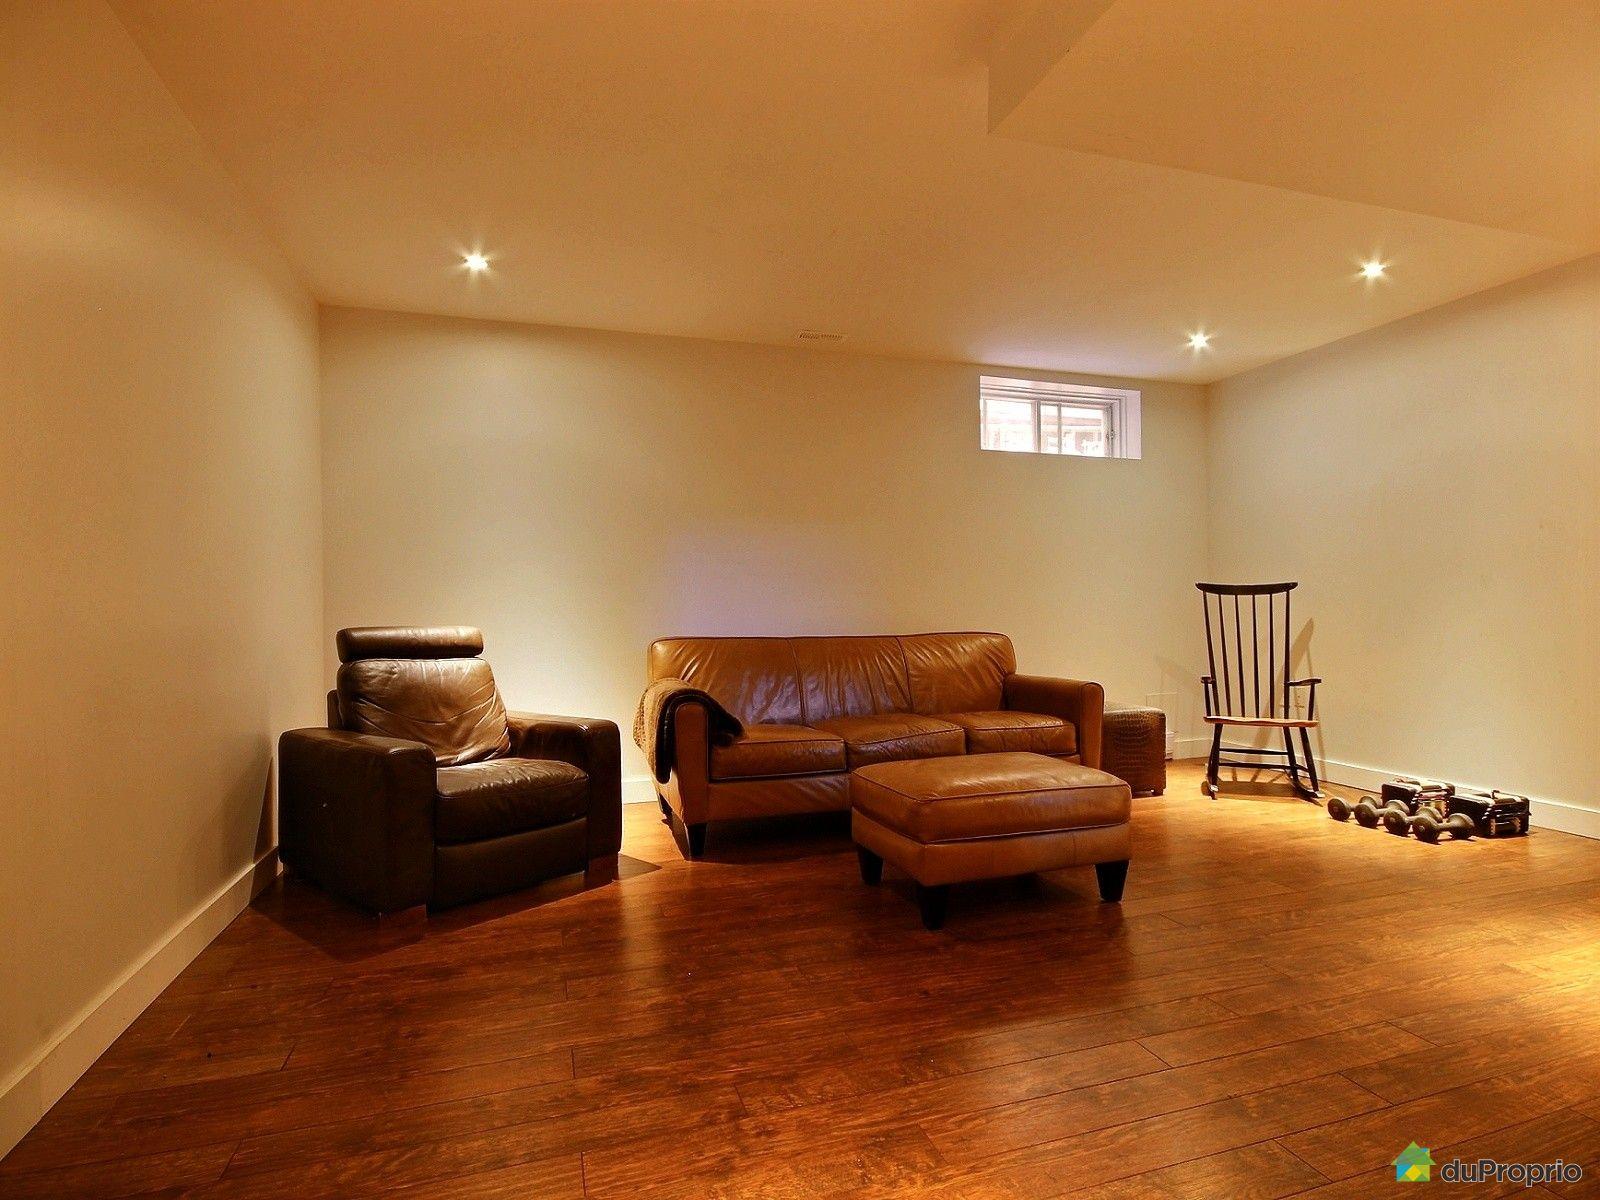 tapis salon vert et marron tapis par ambiance shaggy fait - Maison Moderne Blainville